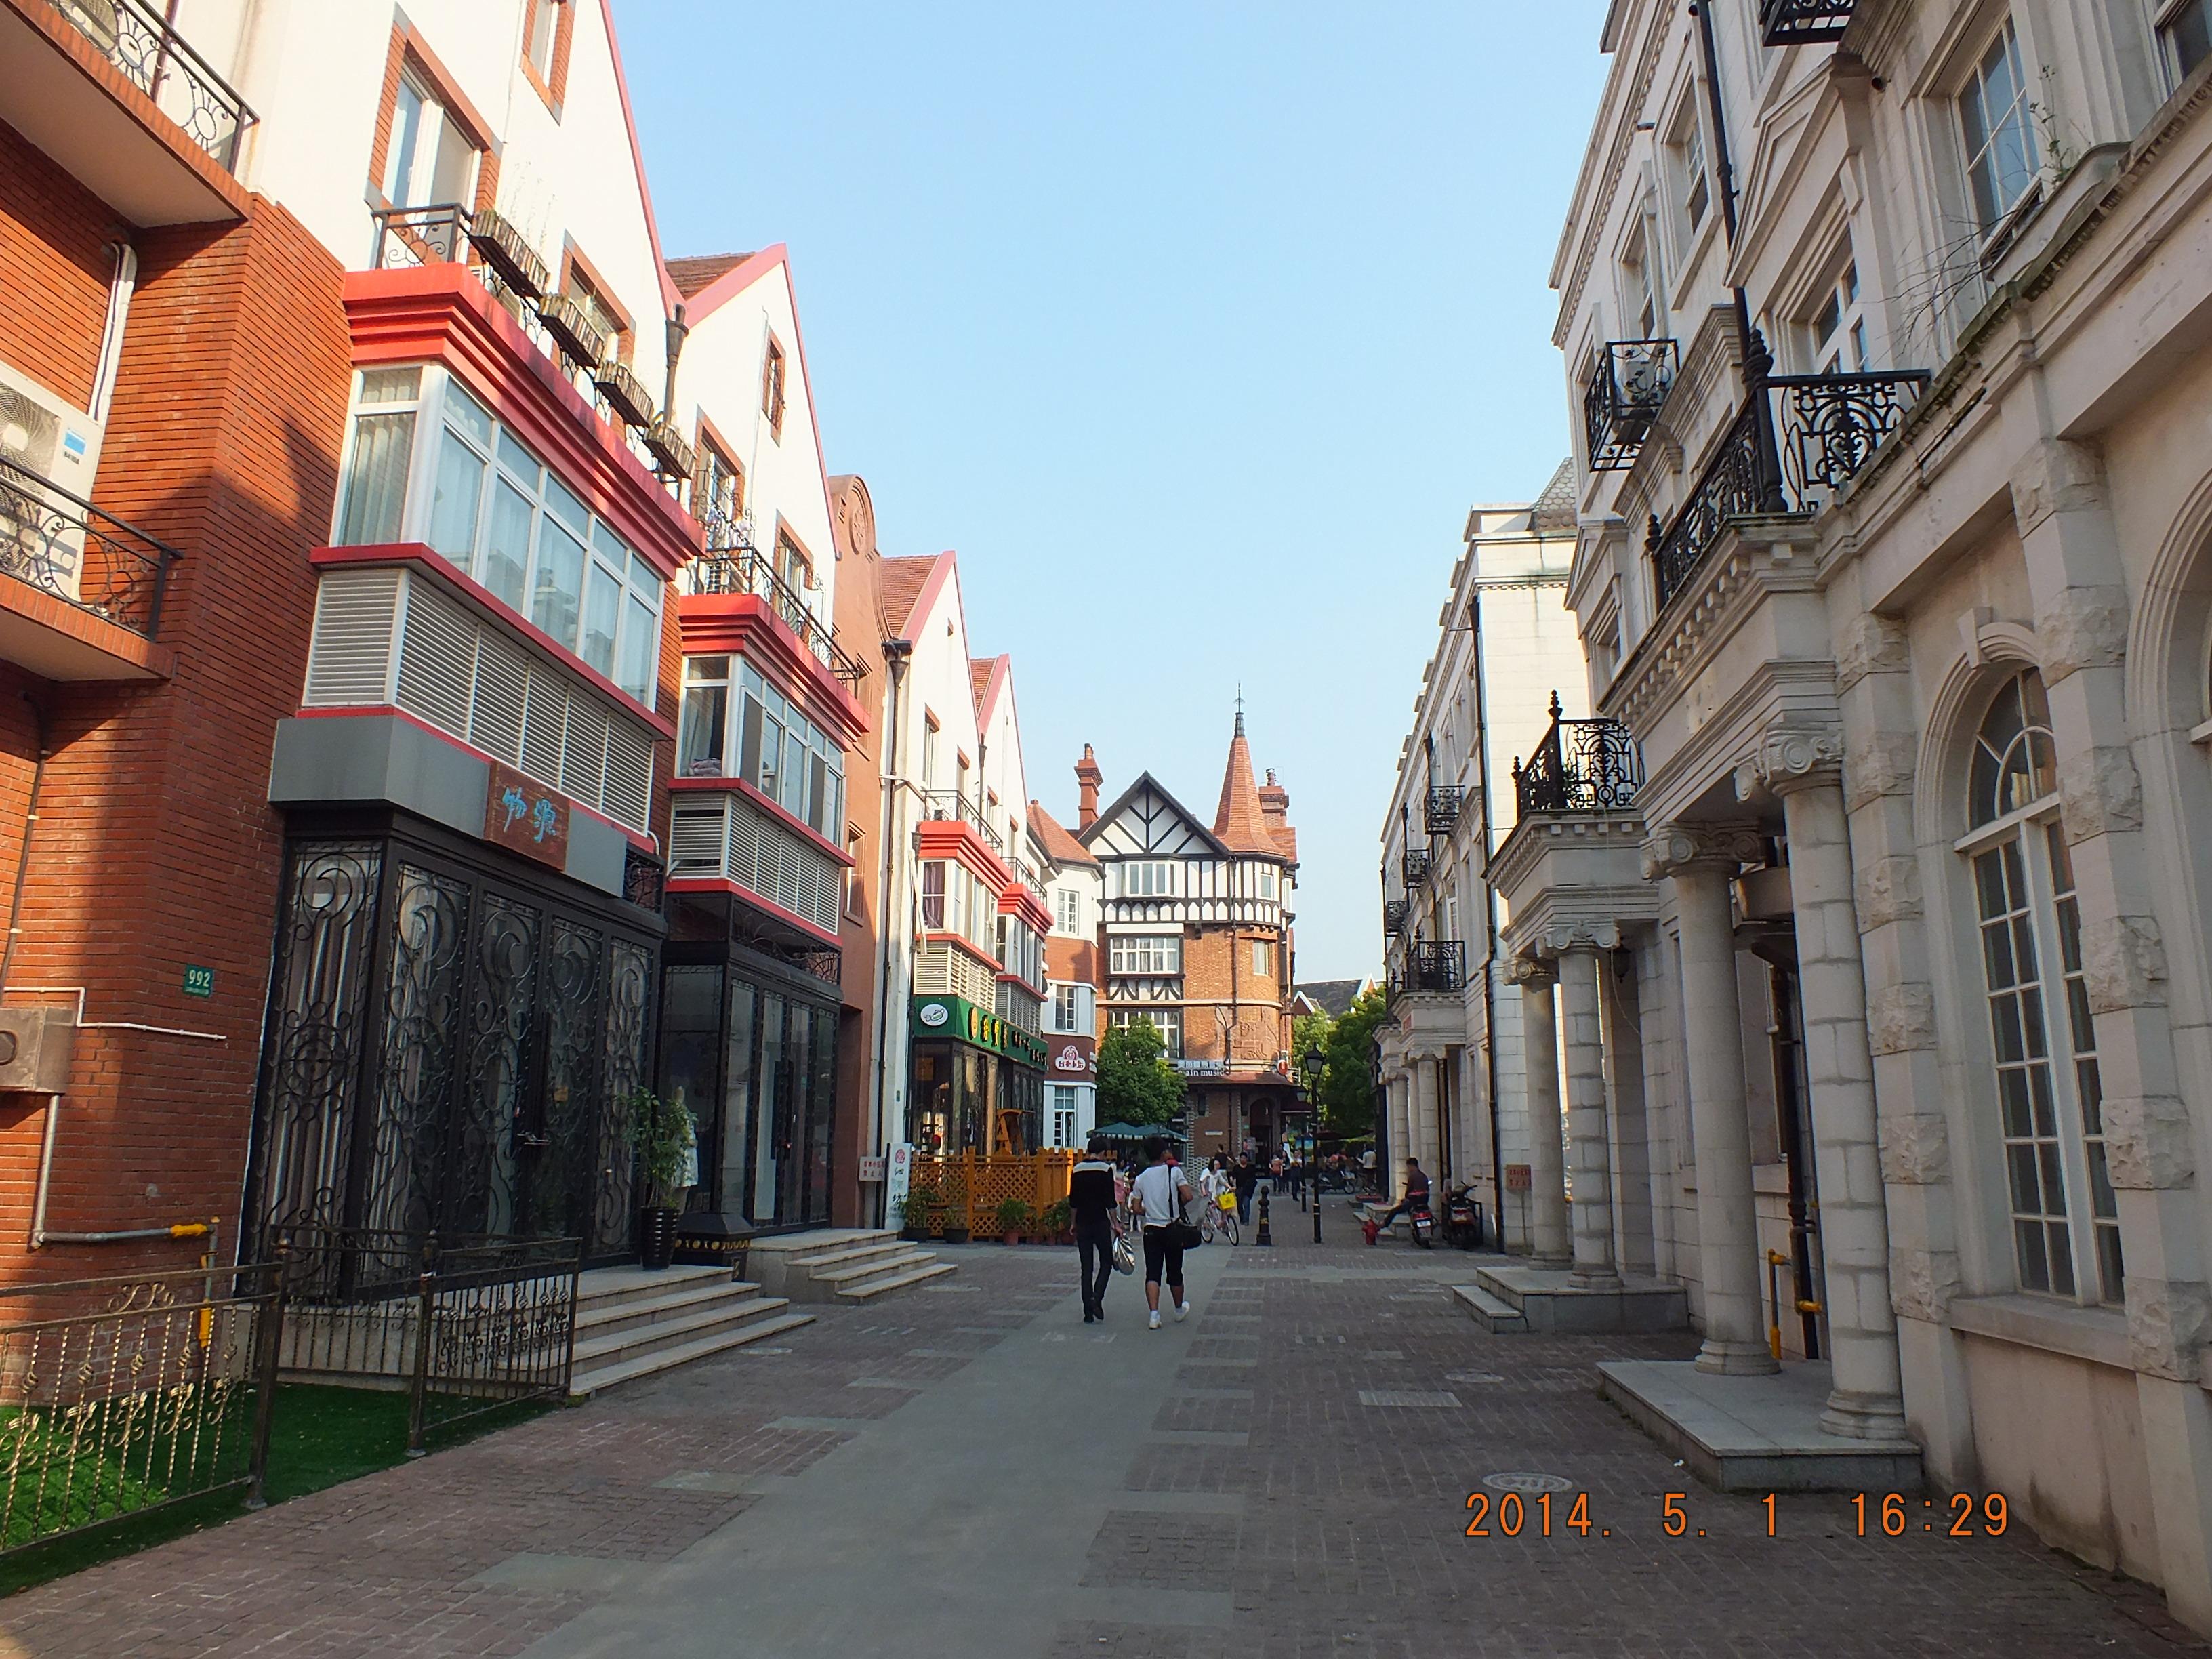 上海泰晤士小镇,典型的英伦风格高档别墅区图片